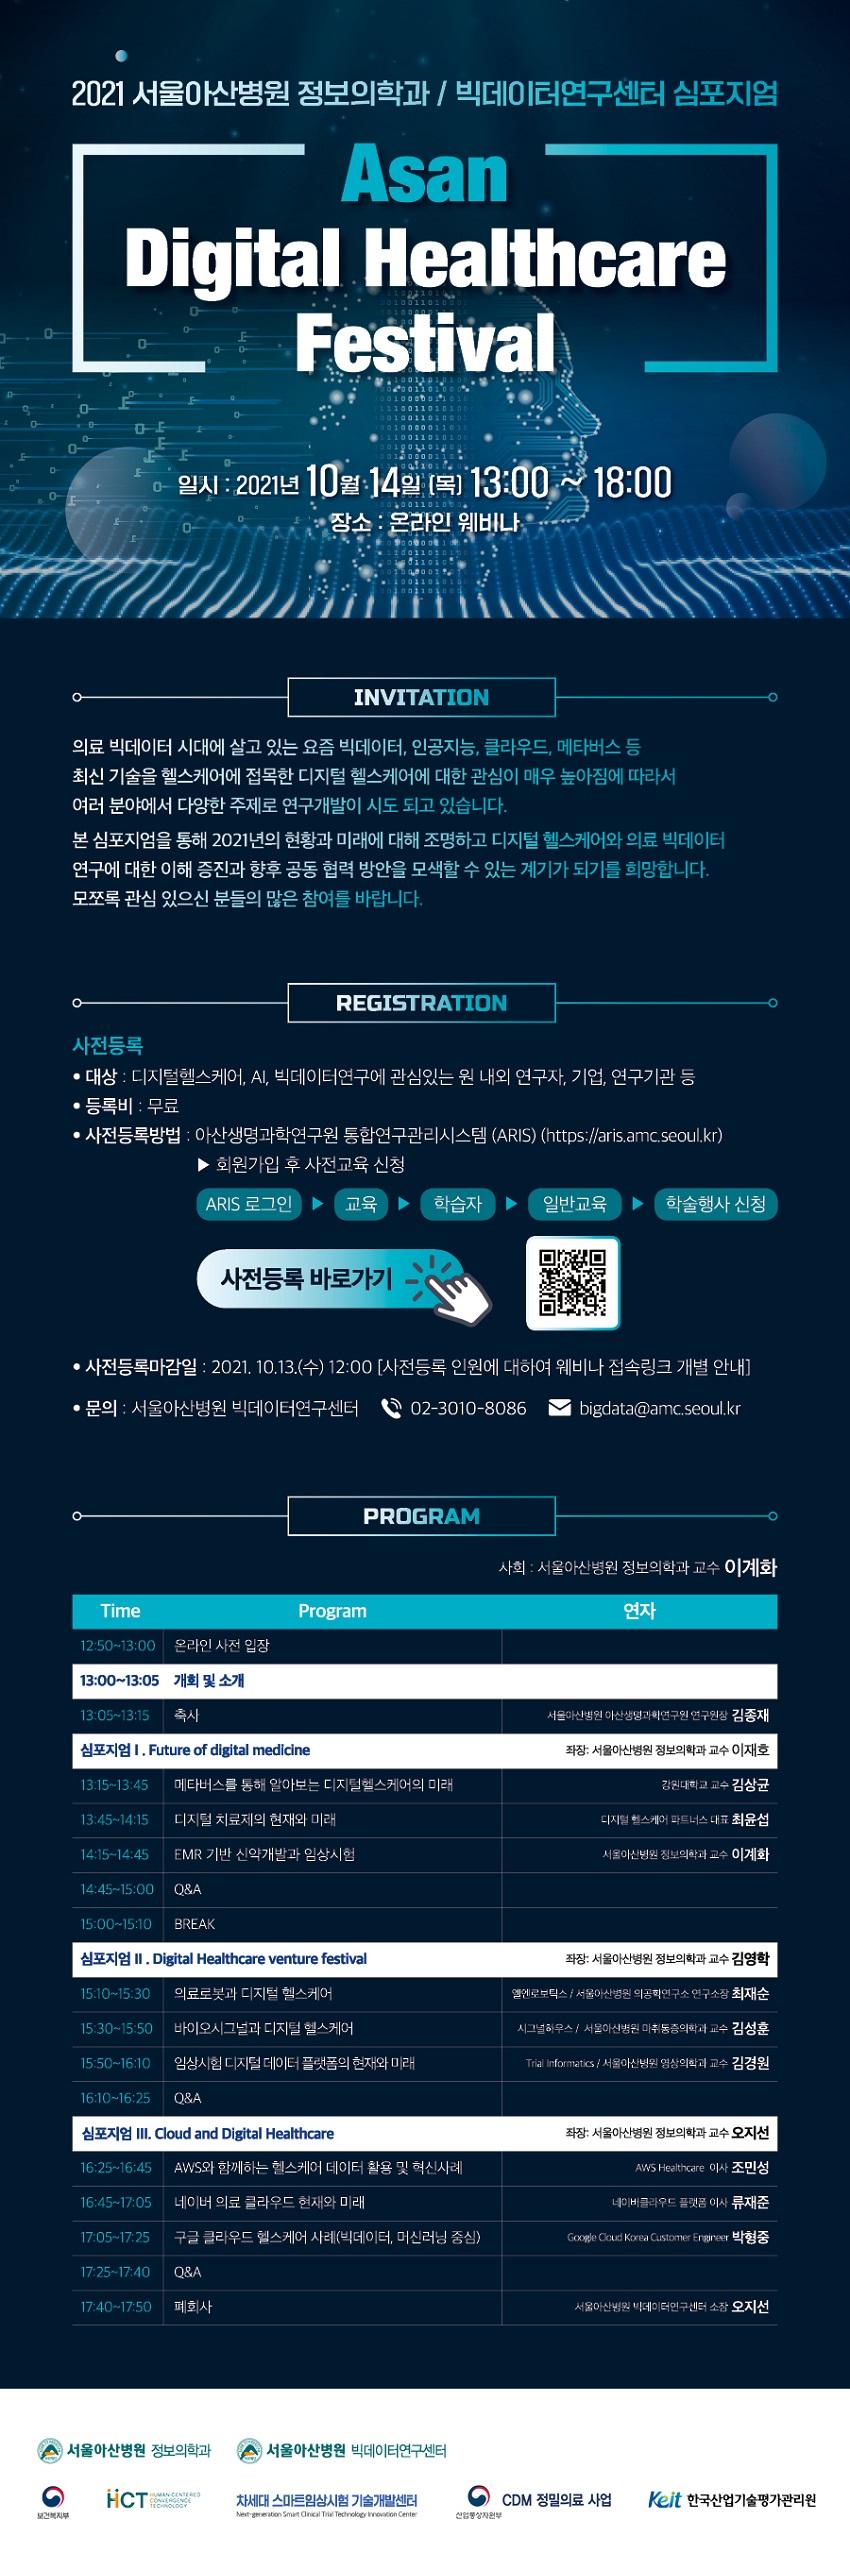 2021 서울아산병원 심 포지엄_Digital Healthcare Festival_웹포스터.jpg